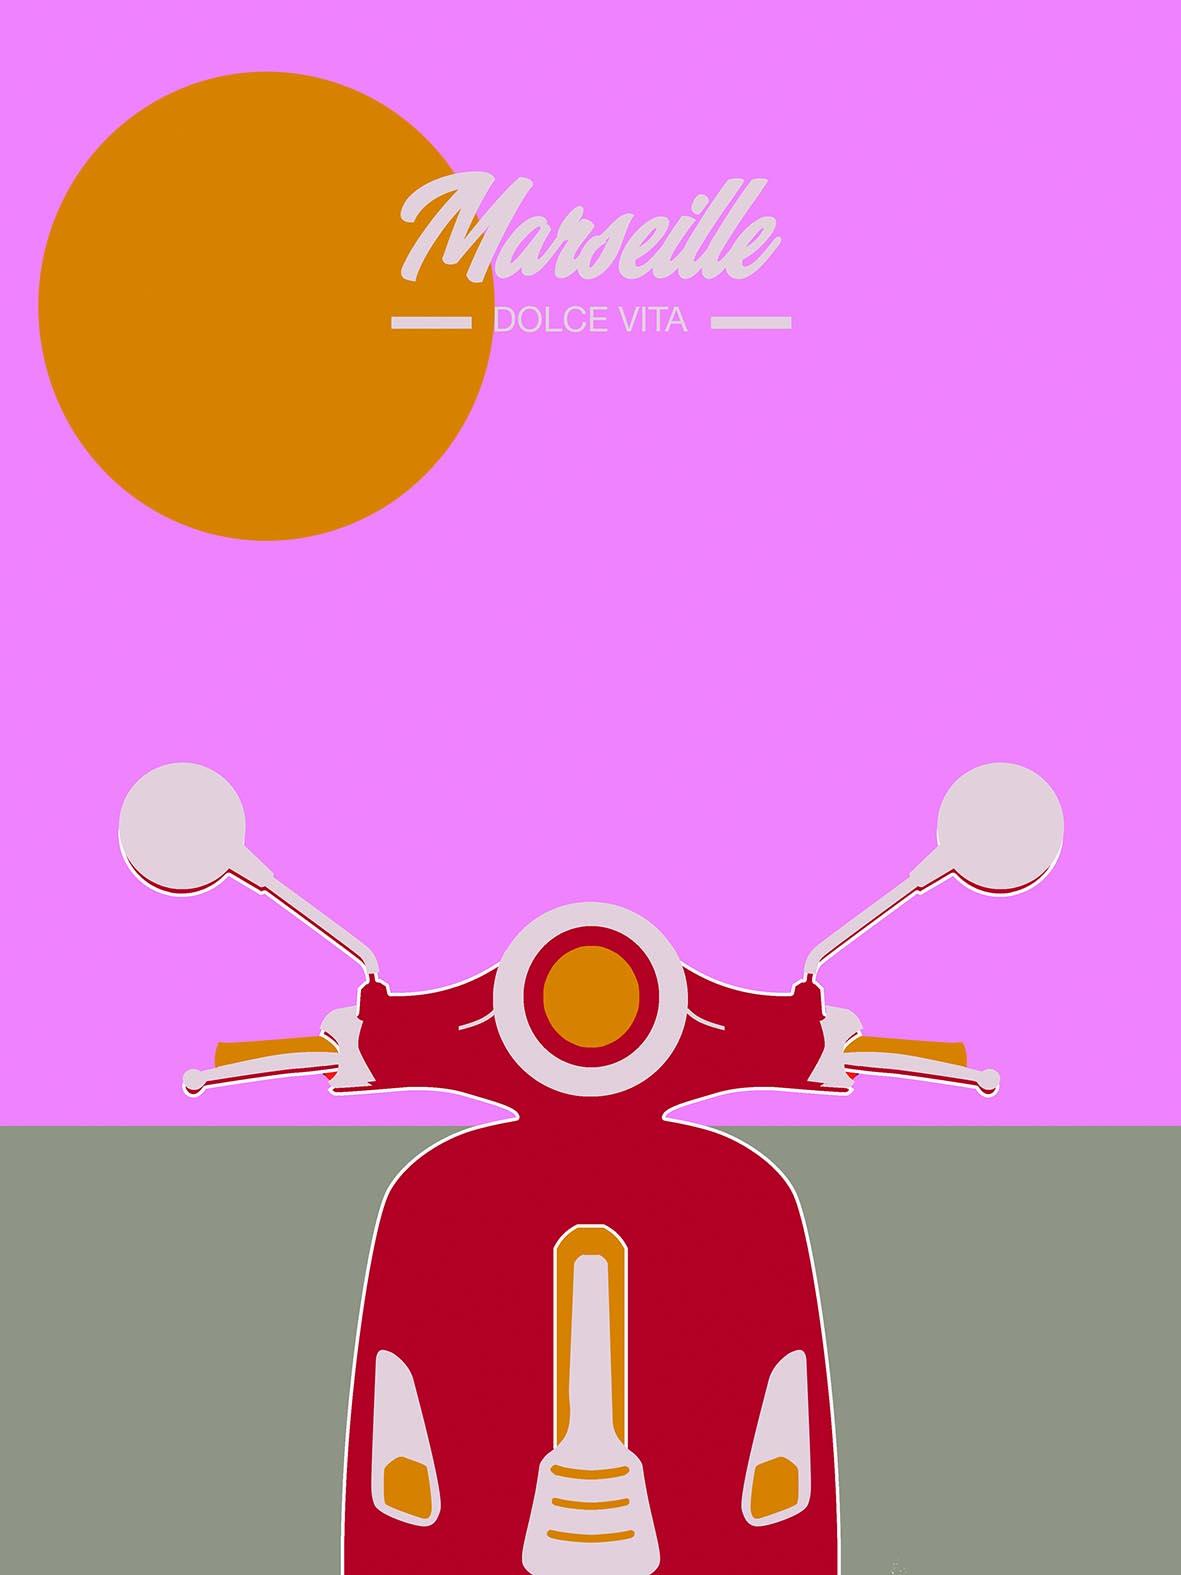 Affiche MARSEILLE DOLCE VITA